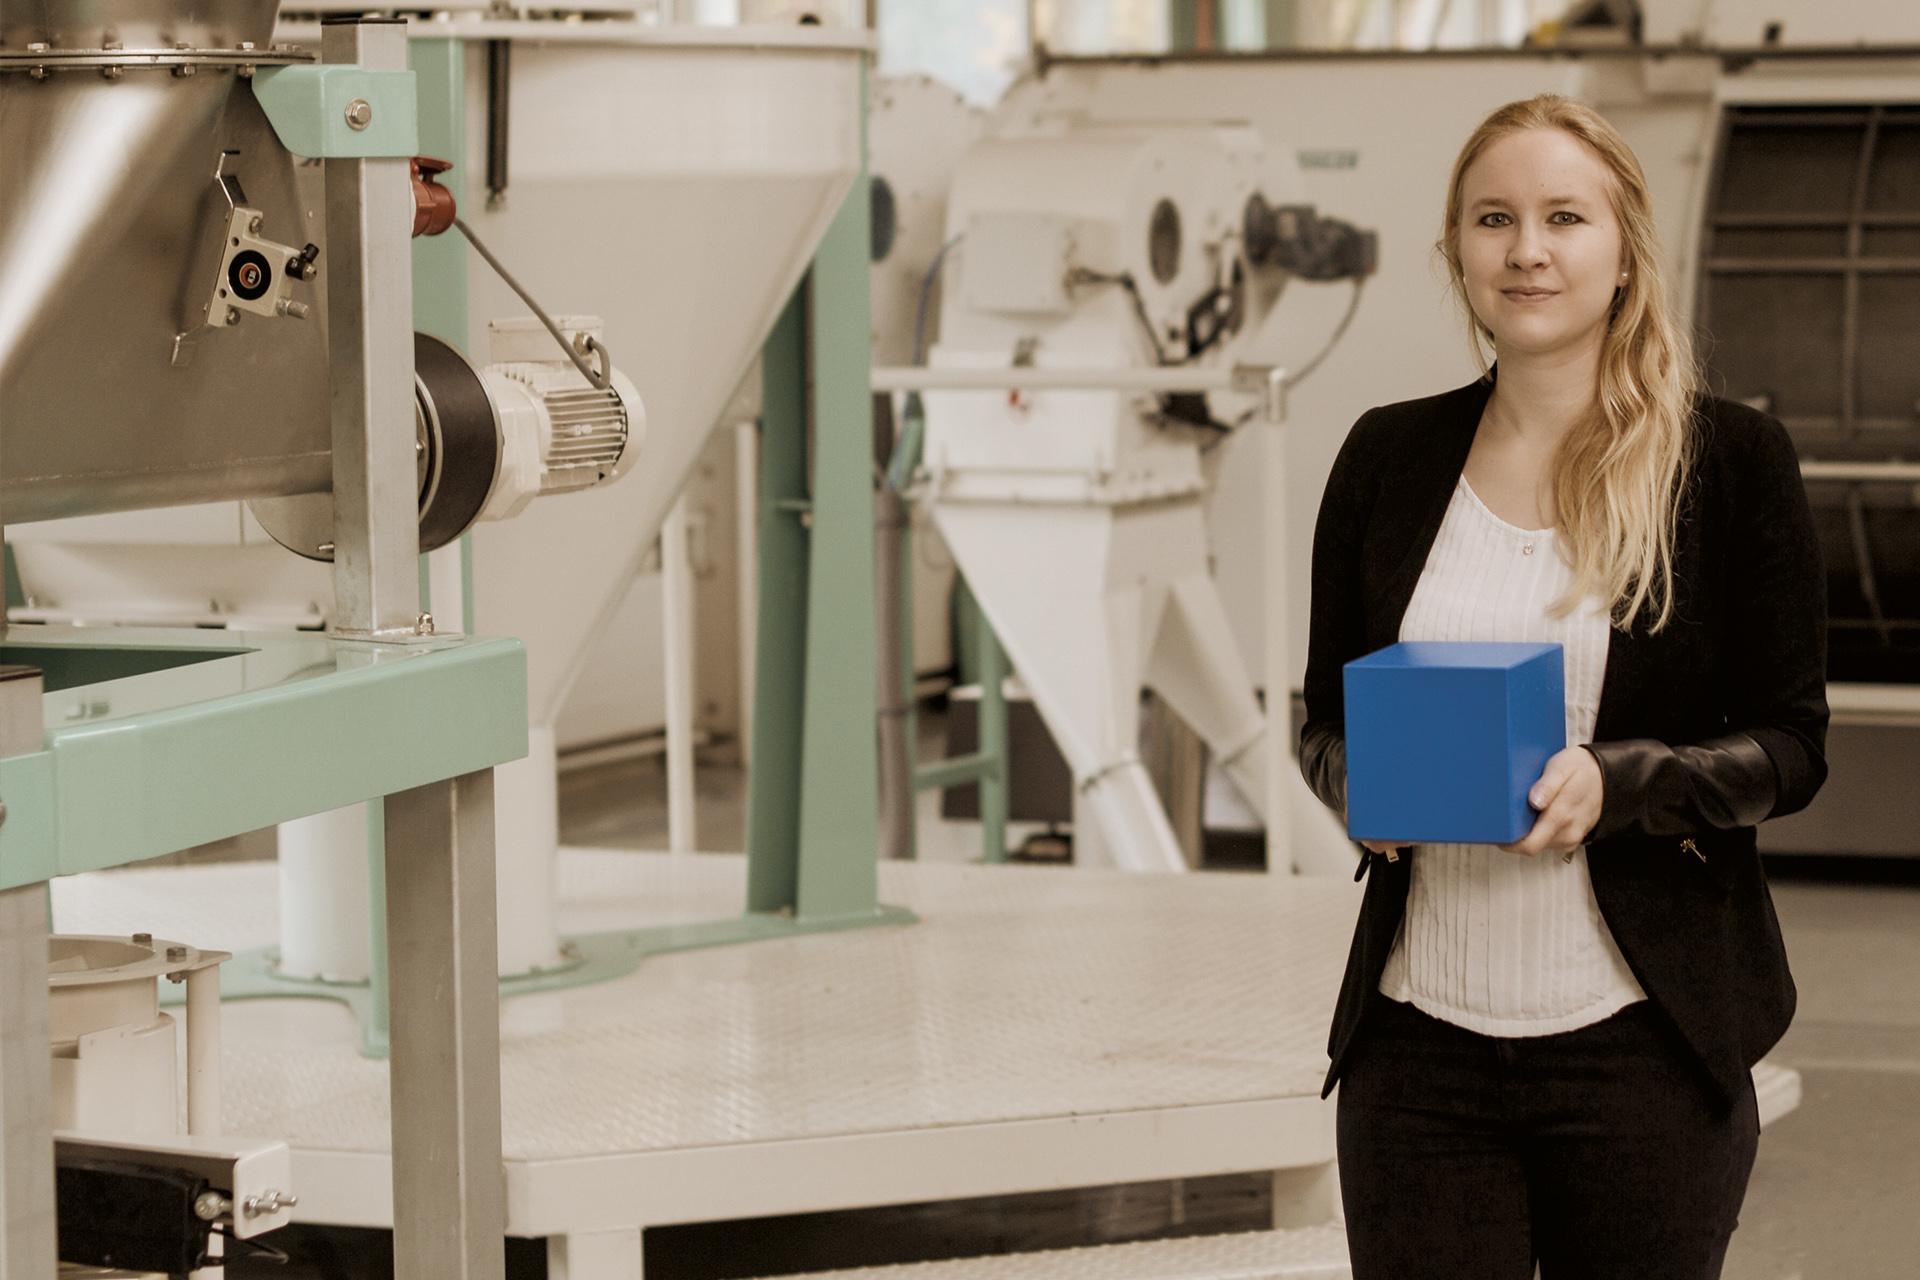 Eine Studentin steht in einem Betrieb mit Maschinen und hält einen blauen Würfel in den Händen.